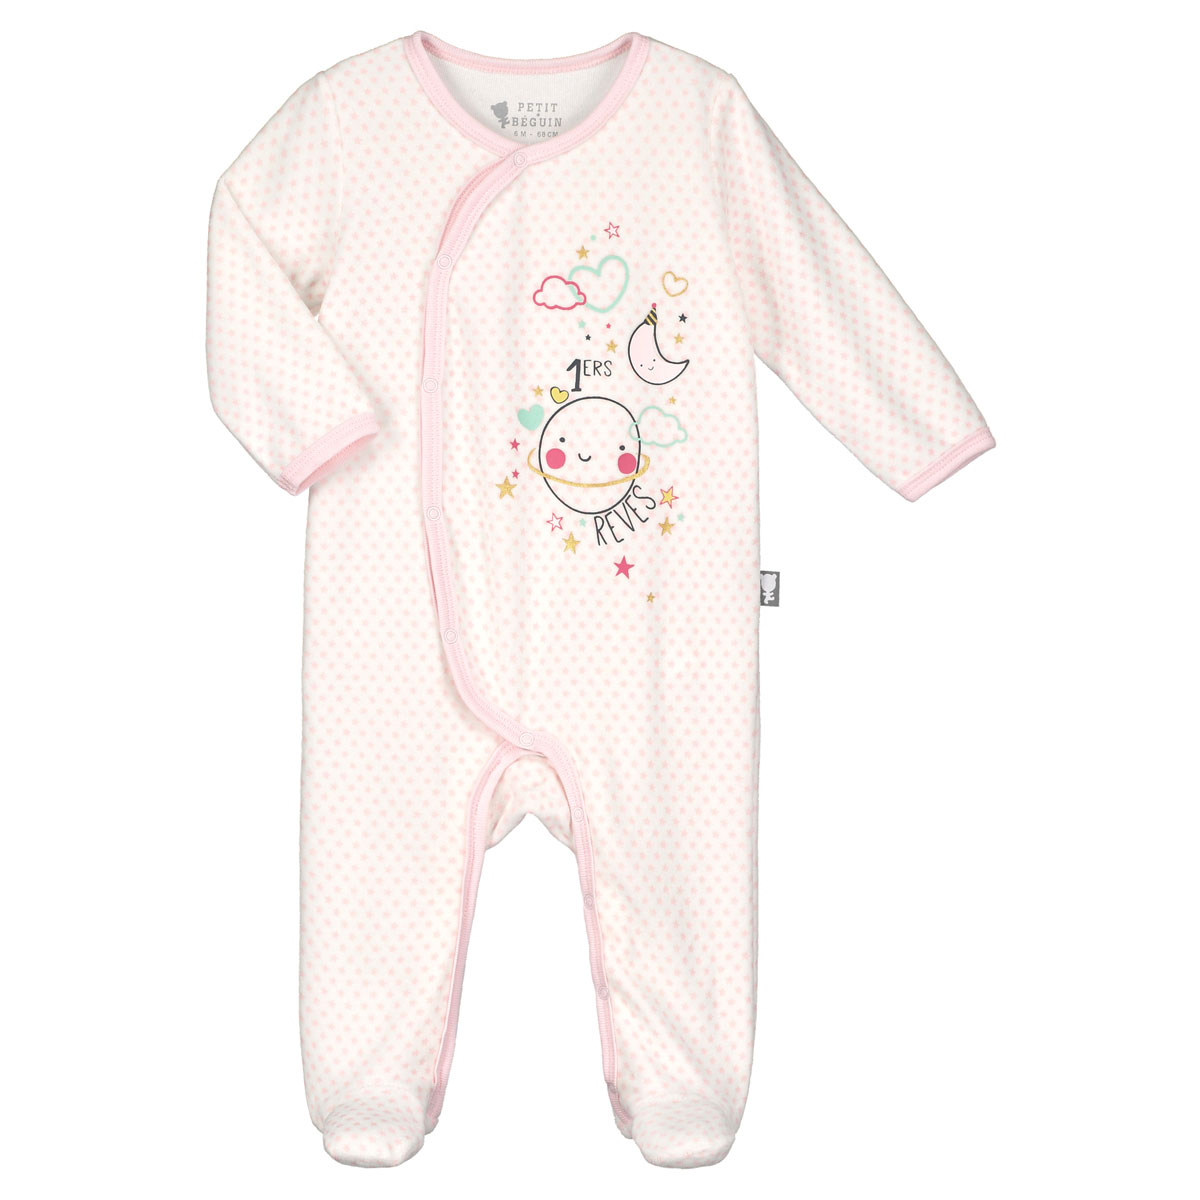 f5eab969b135 Pyjama bébé velours rose Jolie Planète - PETIT BEGUIN